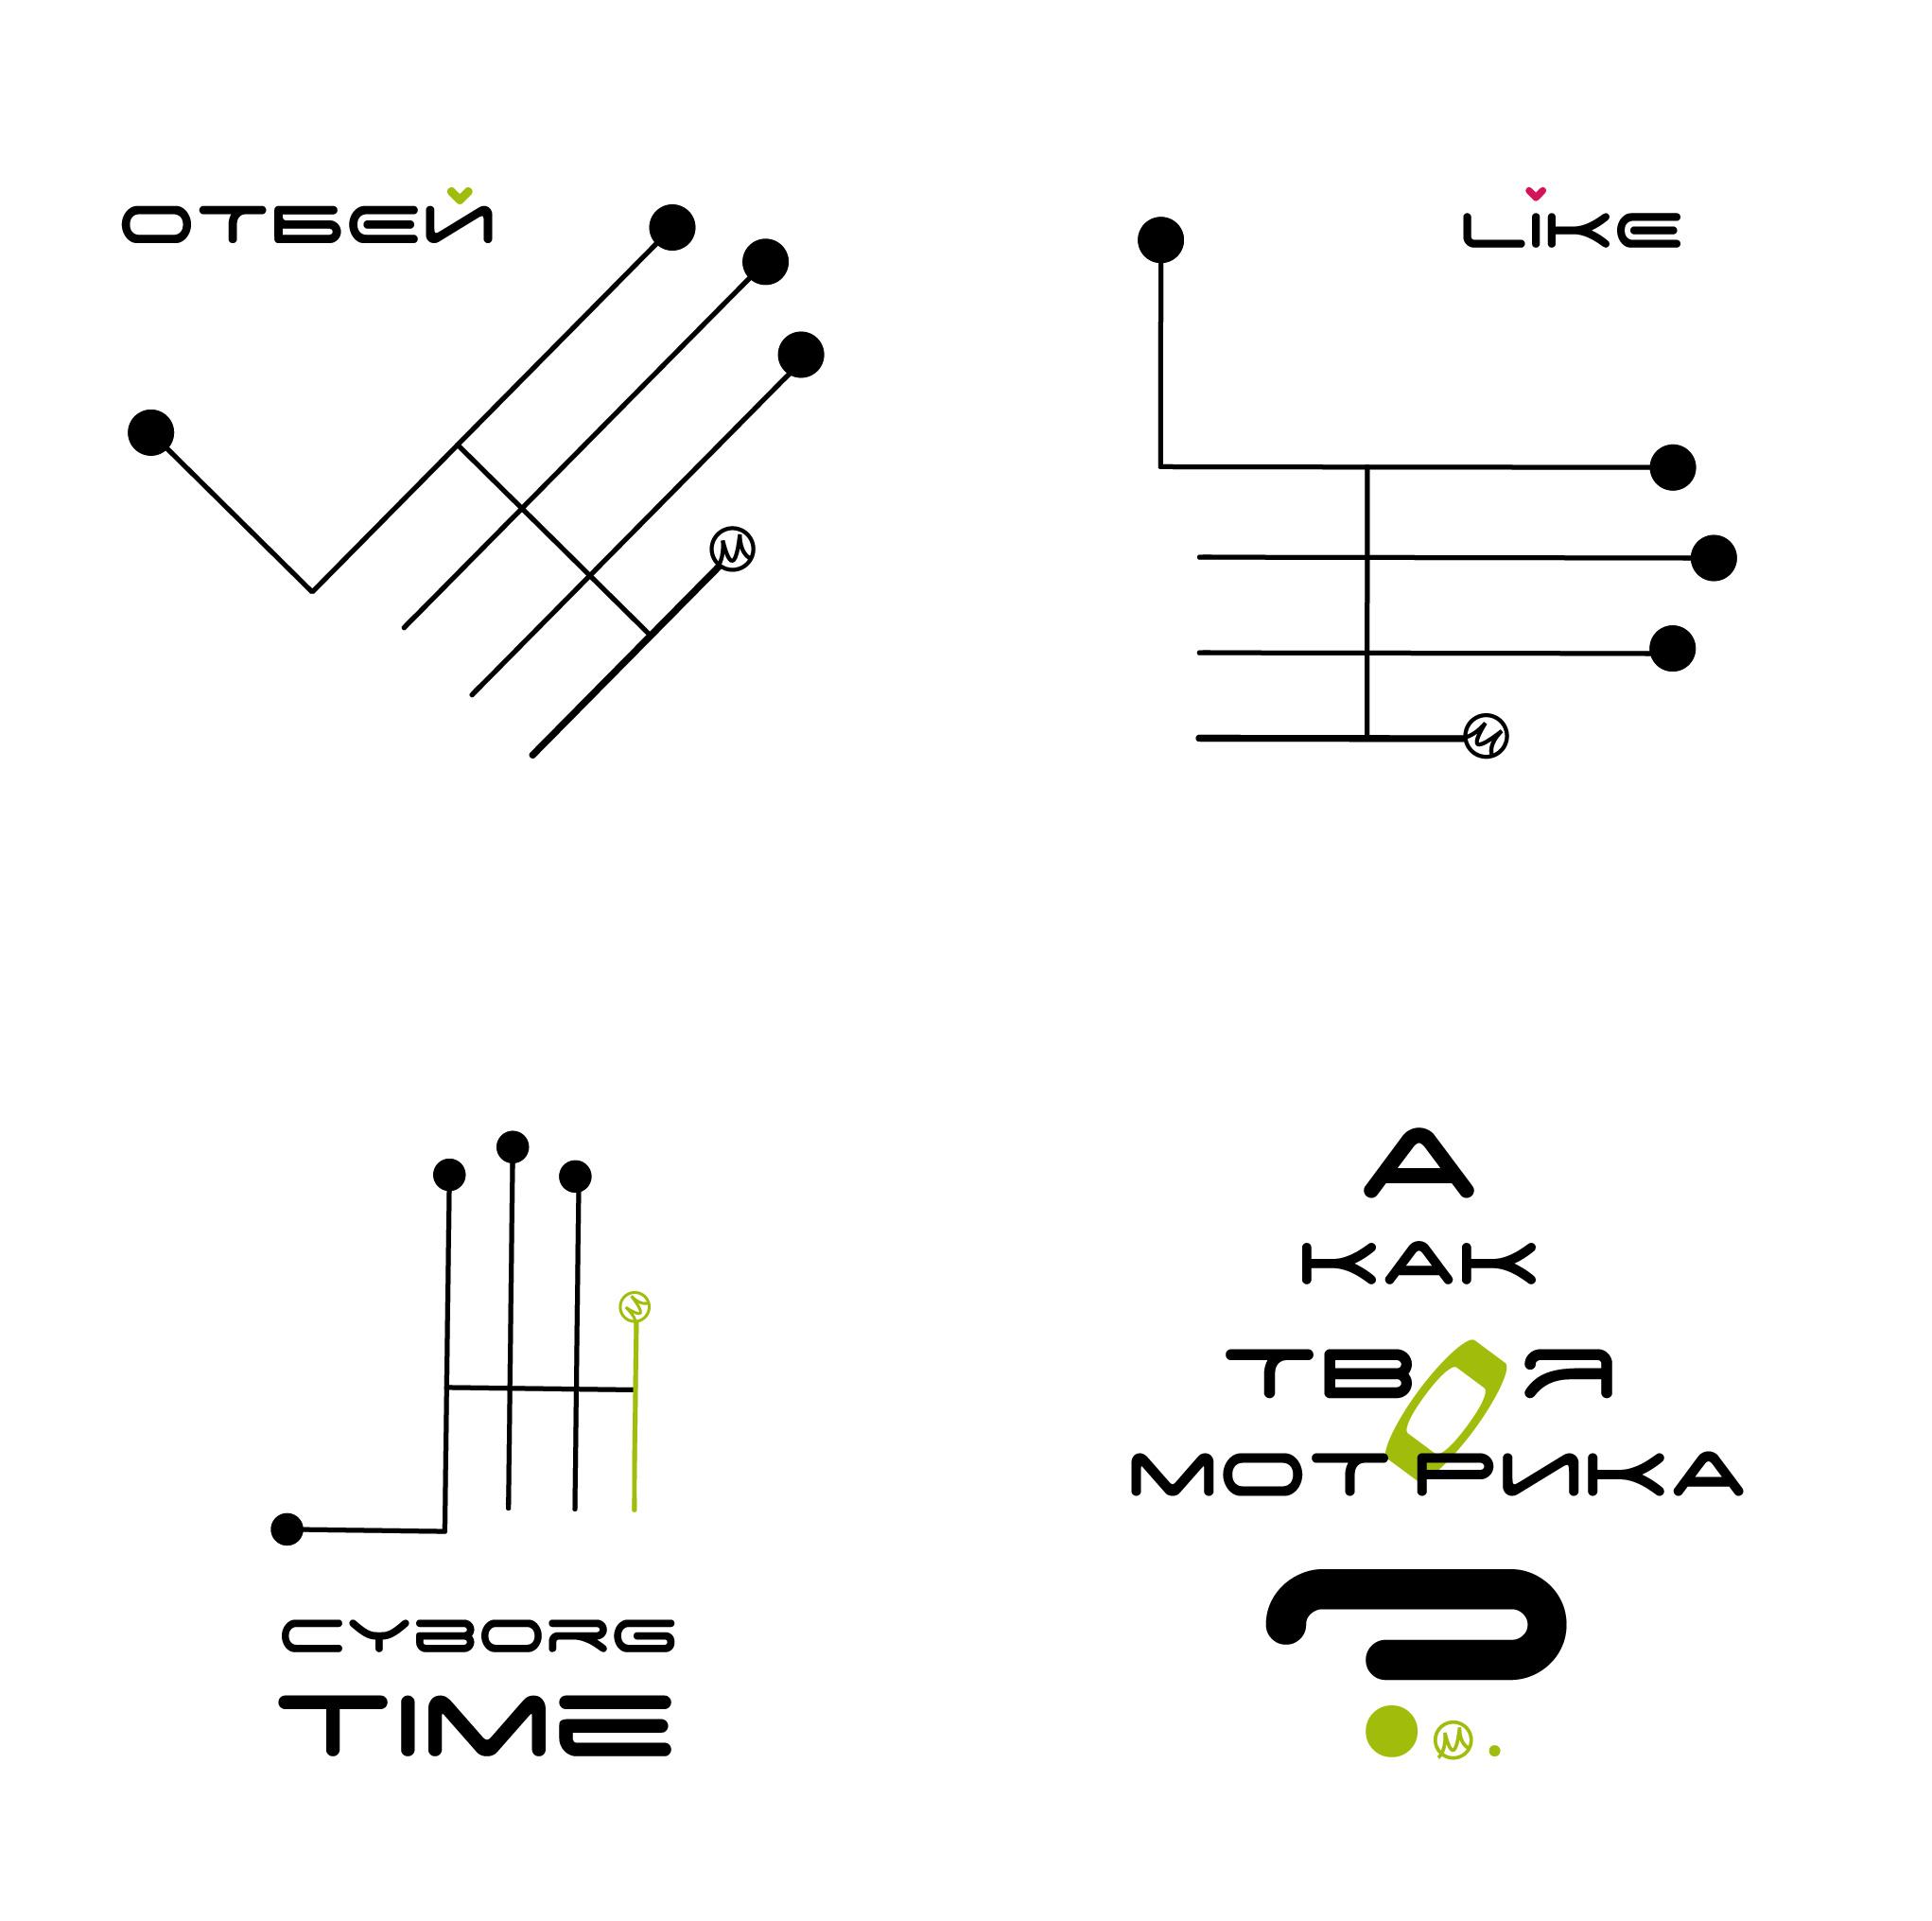 Нарисовать принты на футболки для компании Моторика фото f_685609d44d894160.jpg